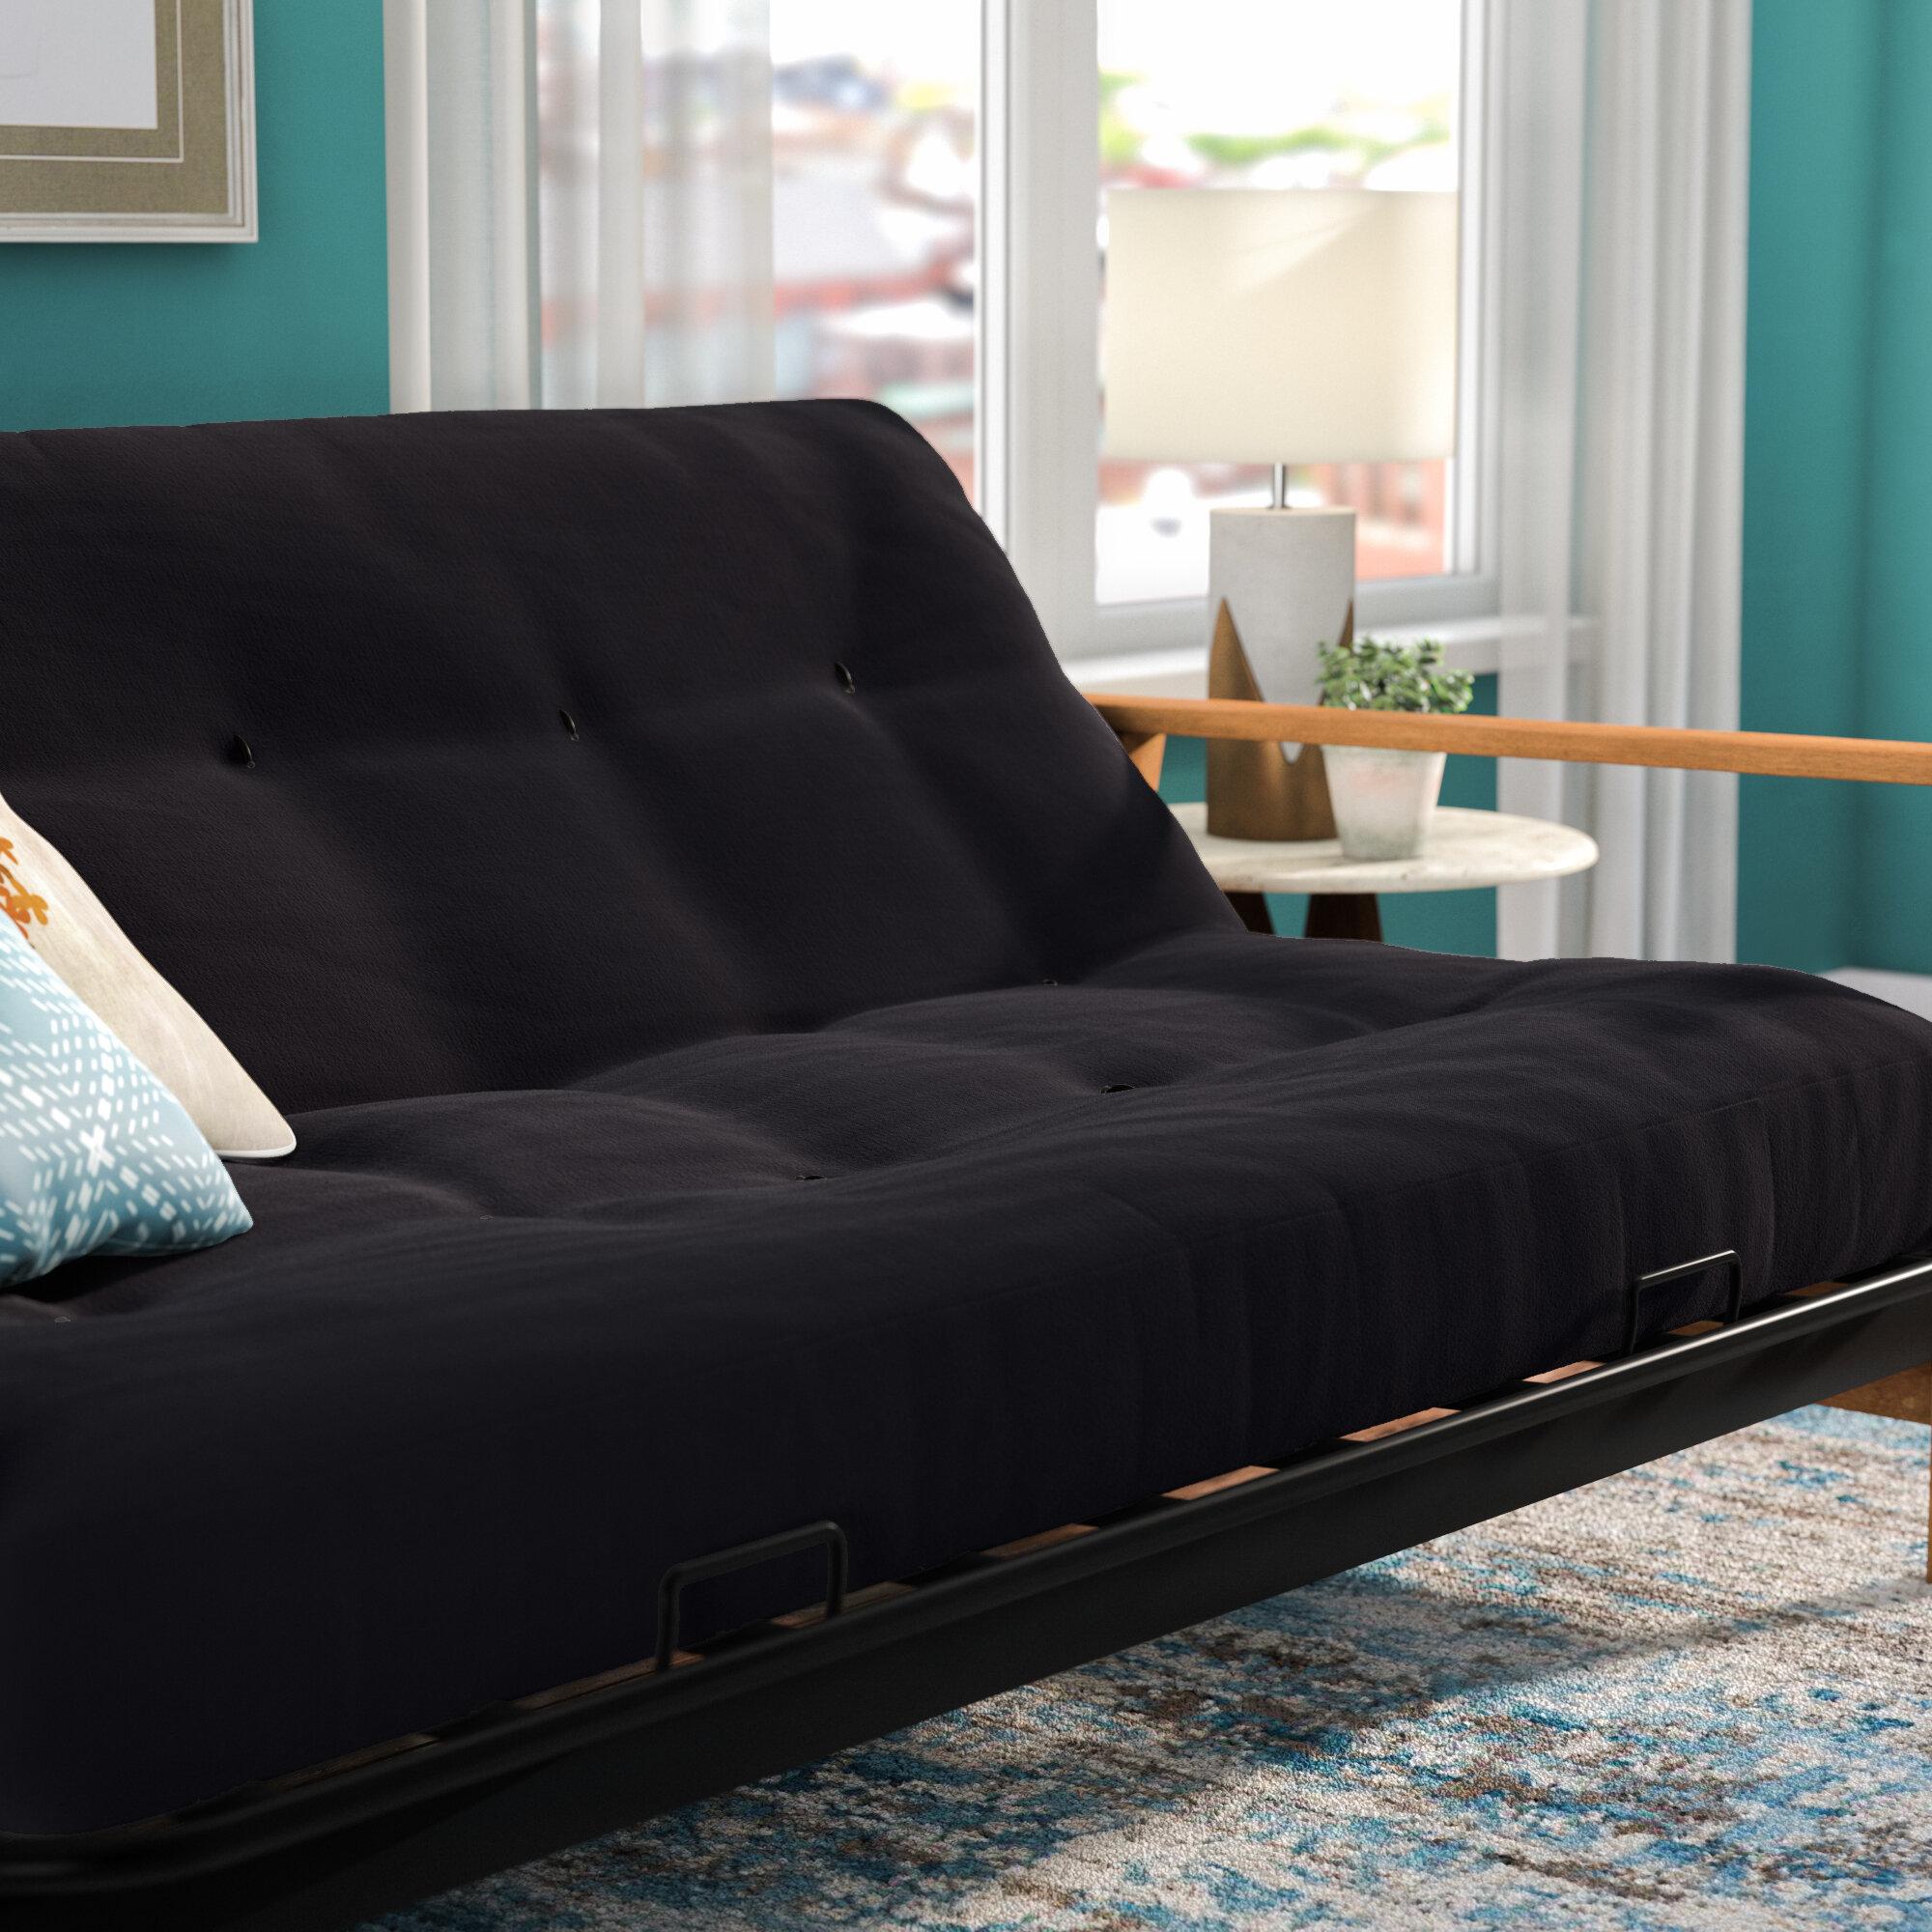 futons bond review foam gold reviews mattress furniture wayfair cotton pdx futon